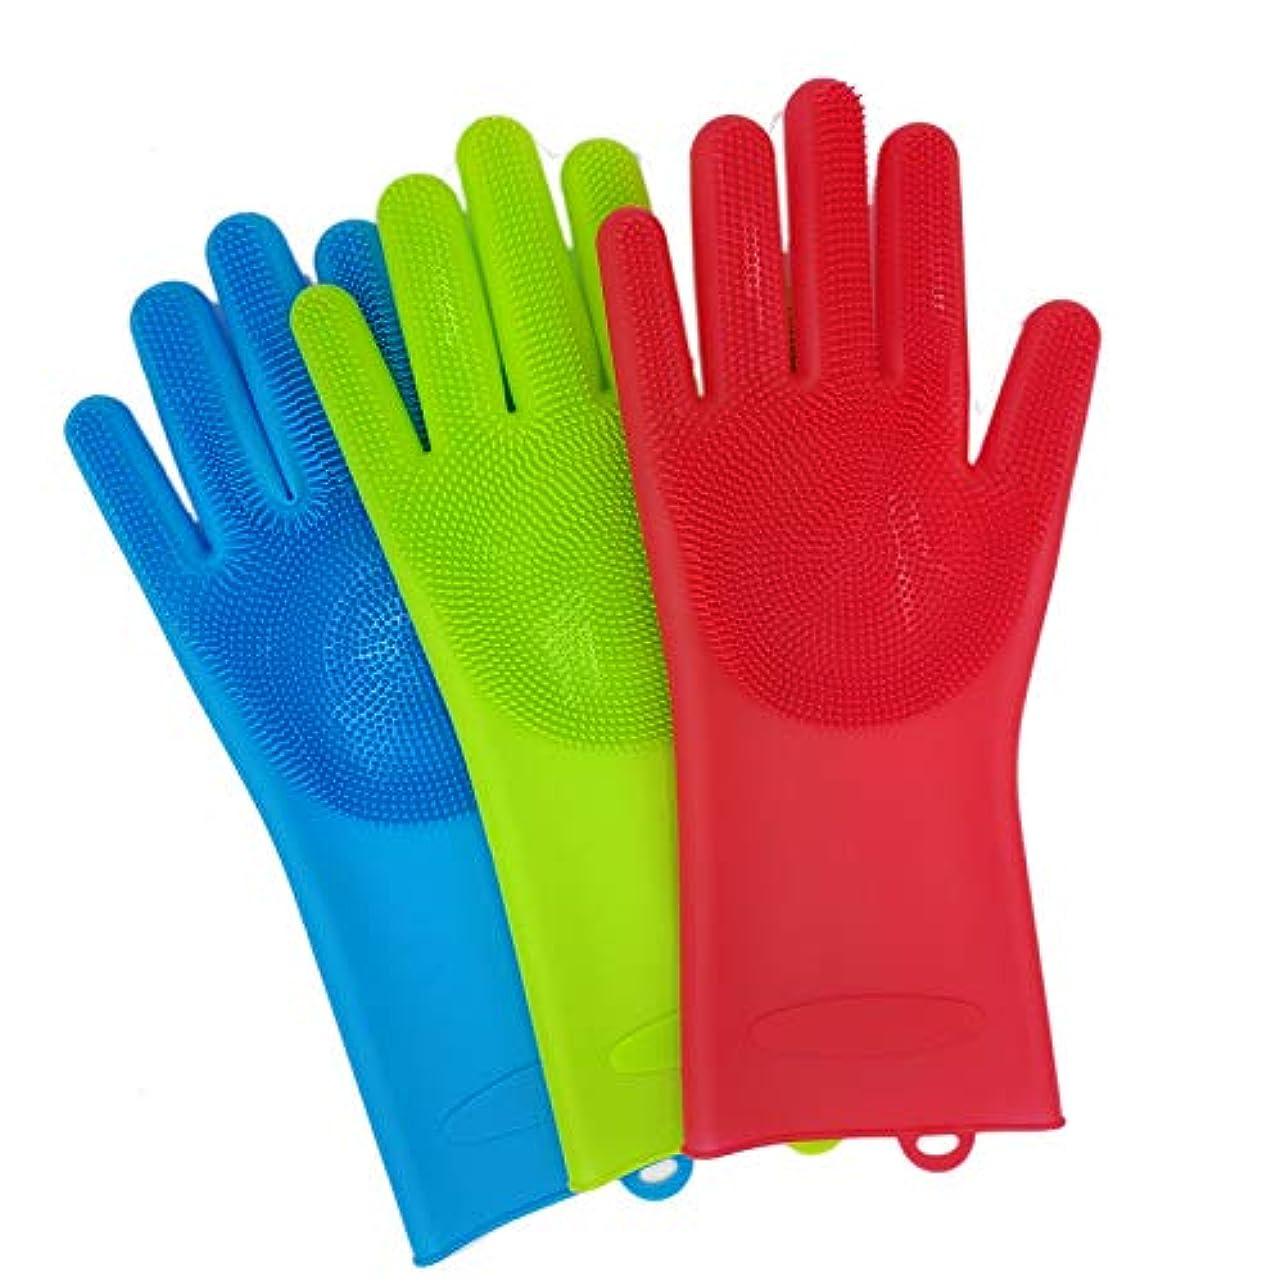 BTXXYJP 手袋 ペット ブラシ 猫 ブラシ グローブ 耐摩耗 クリーナー 抜け毛取り マッサージブラシ 犬 グローブ ペット毛取りブラシ お手入れ (Color : Blue, Size : L)